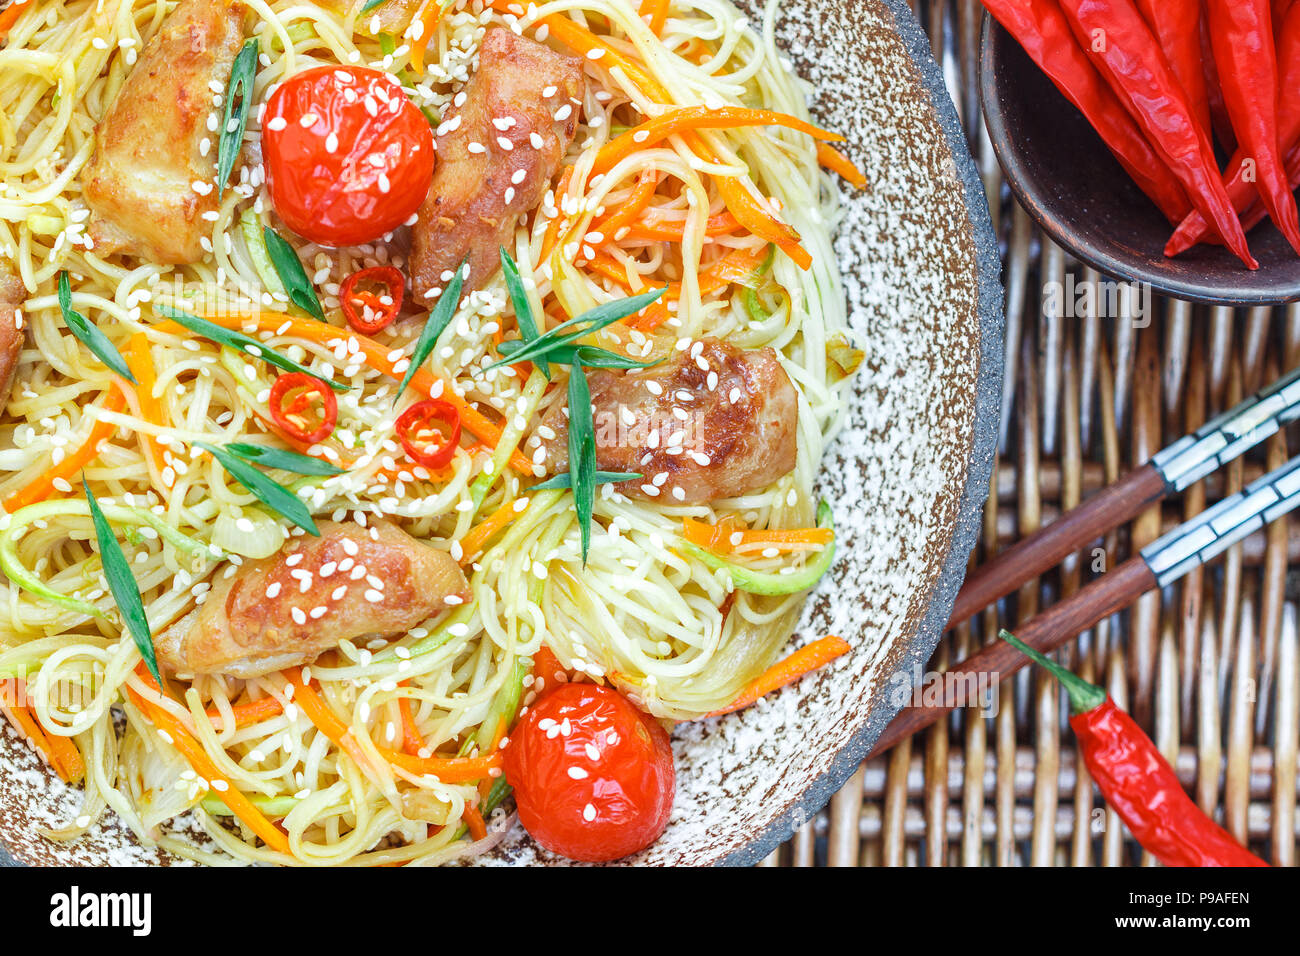 Nouilles sautées au poulet, légumes (carotte, tomate, courgette, ail, poivron rouge, oignon vert), graines de sésame et de sauce de soja sur la plaque d'argile fermer Photo Stock